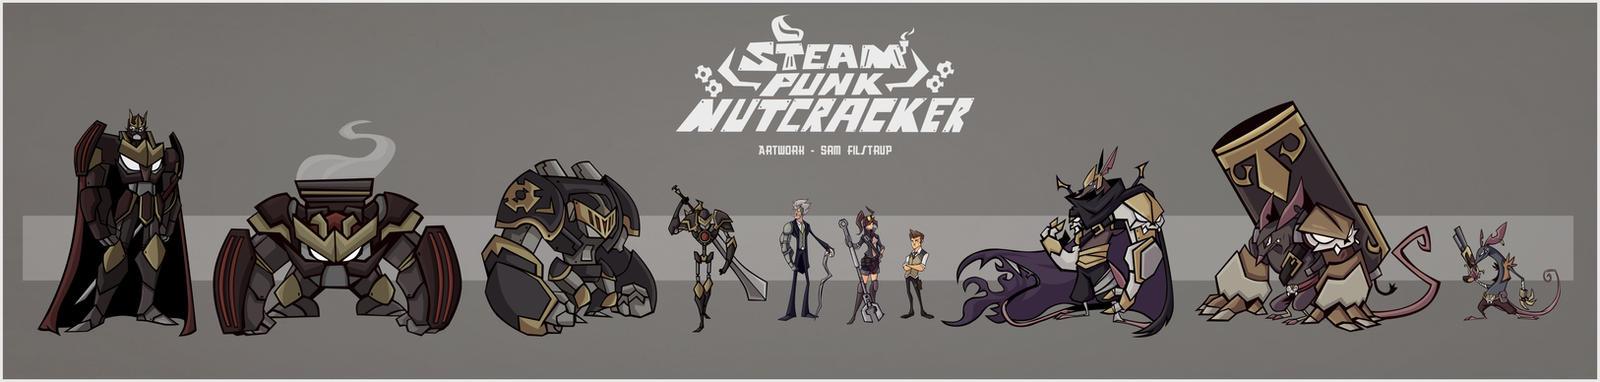 Steampunk Nutcracker Cast by Tigerhawk01